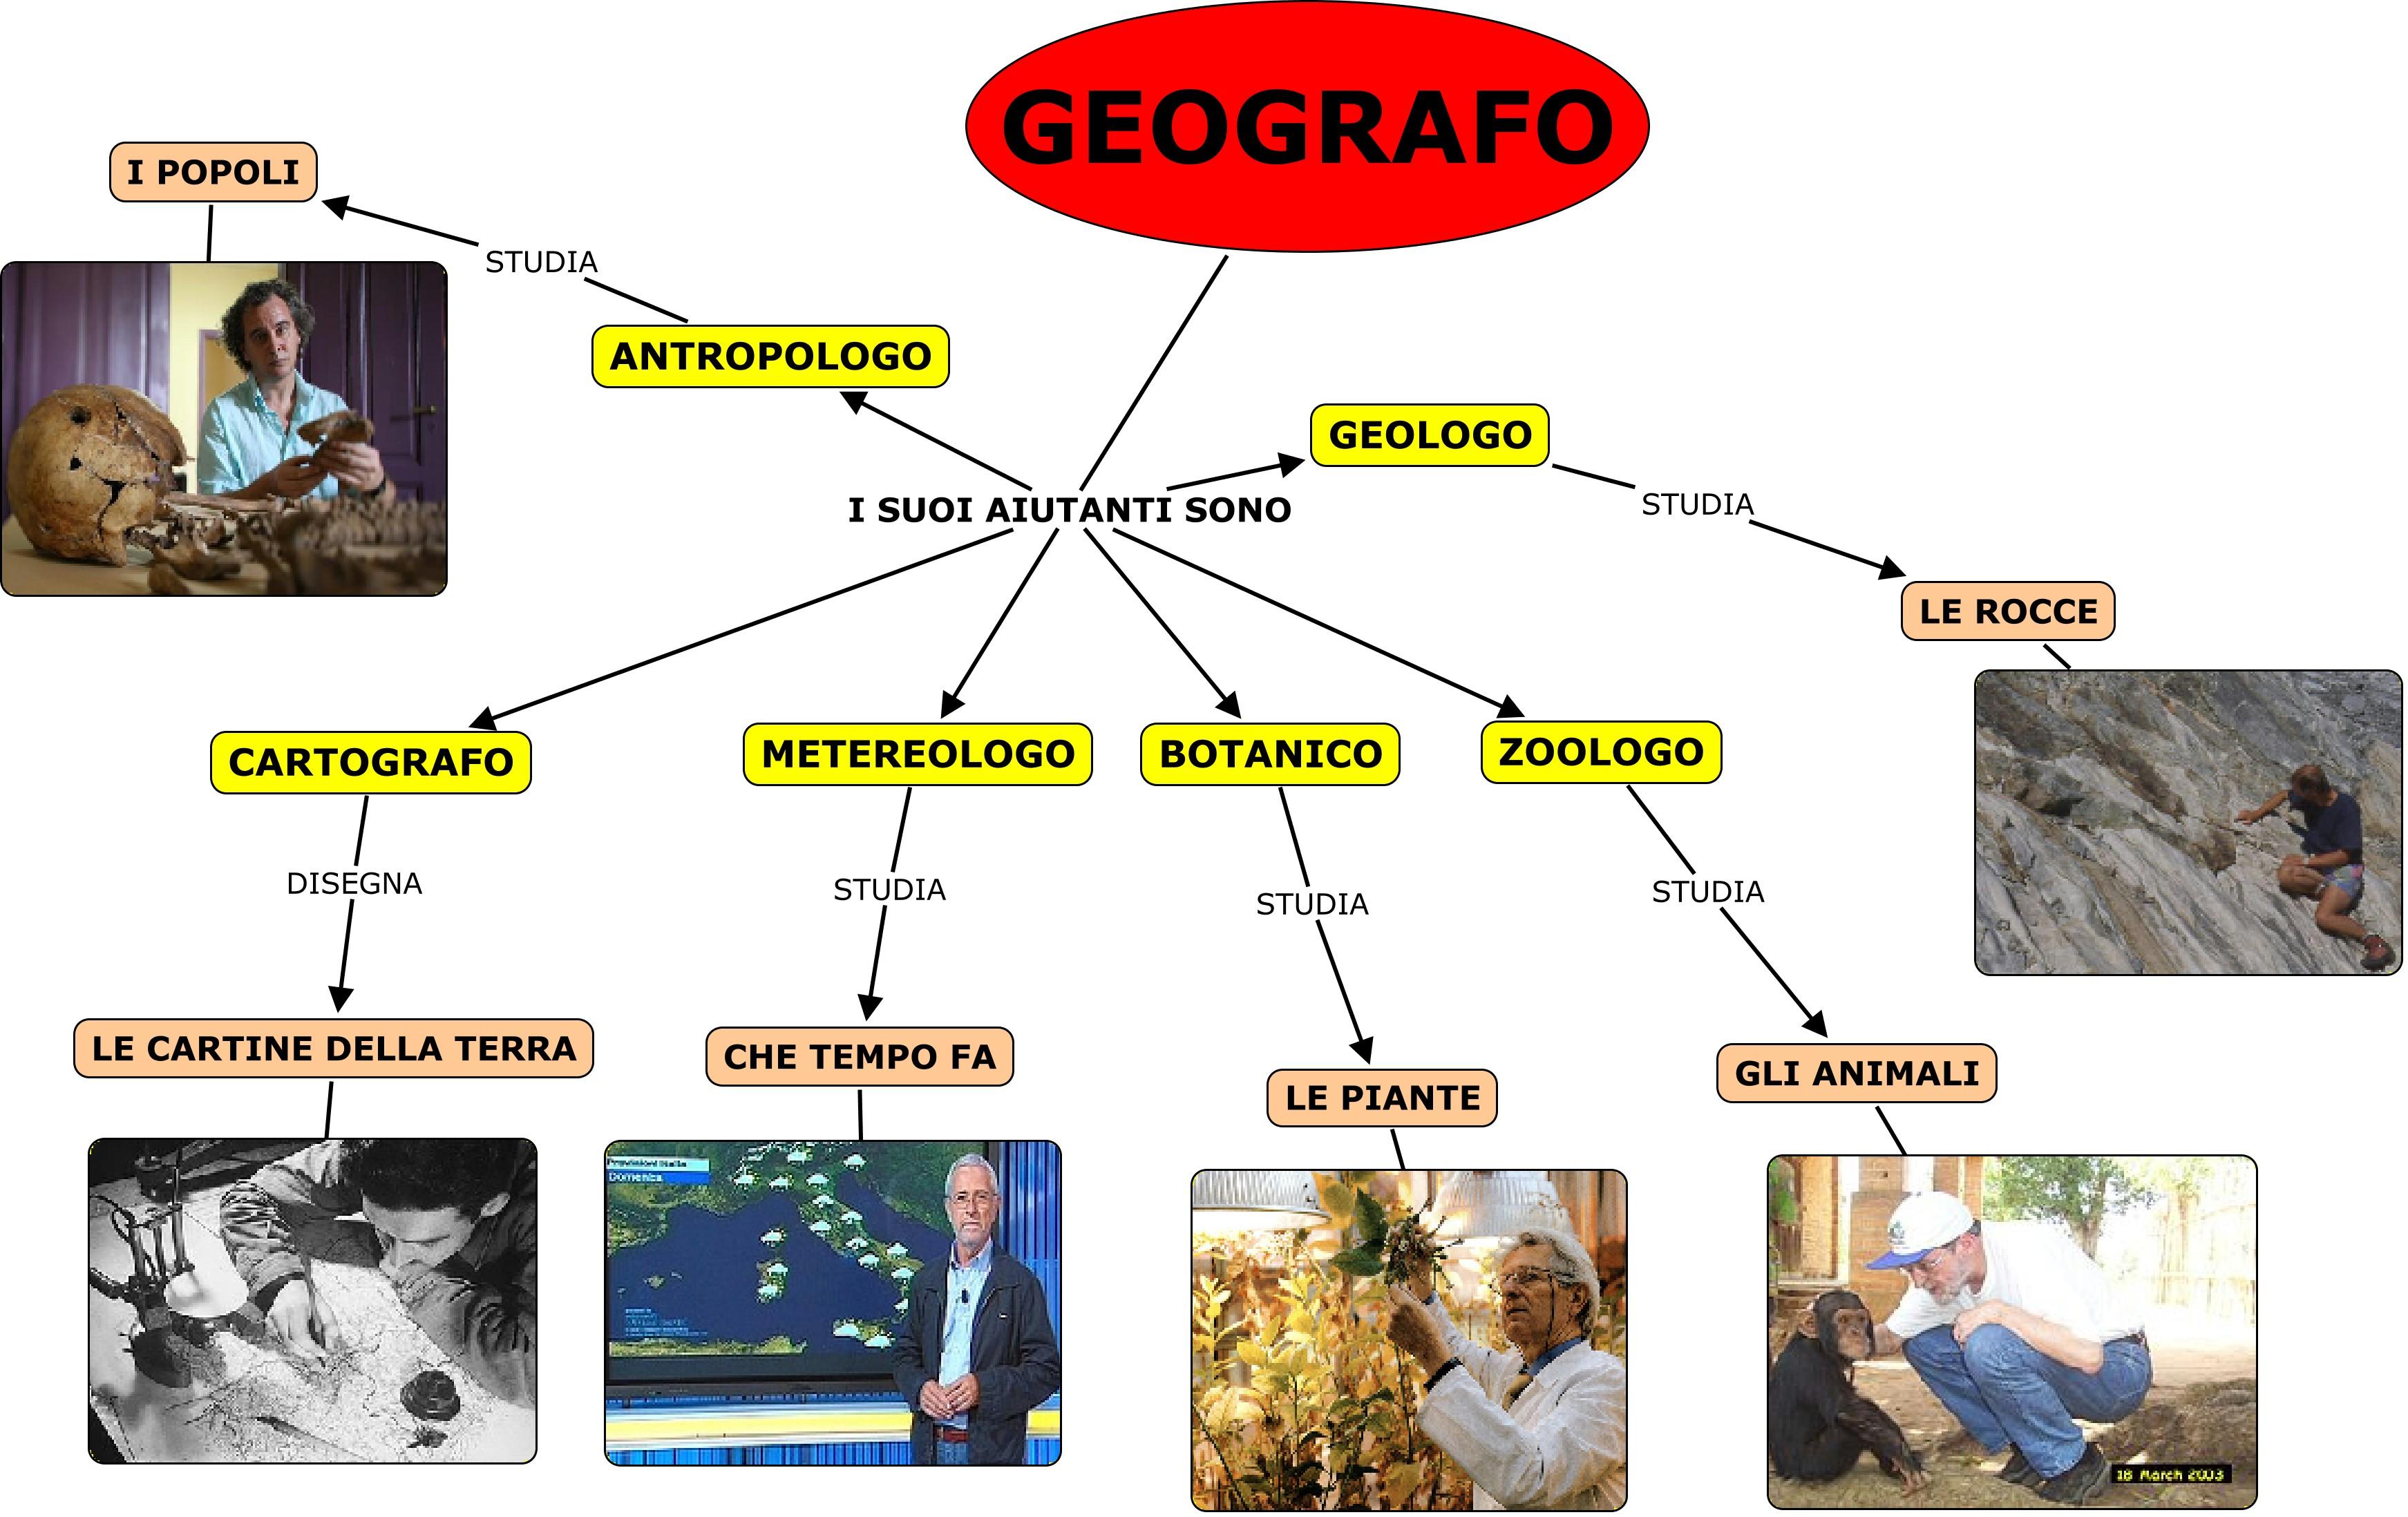 spesso La Geografia E Il Lavoro Del Geografo - Lessons - Tes Teach VG68